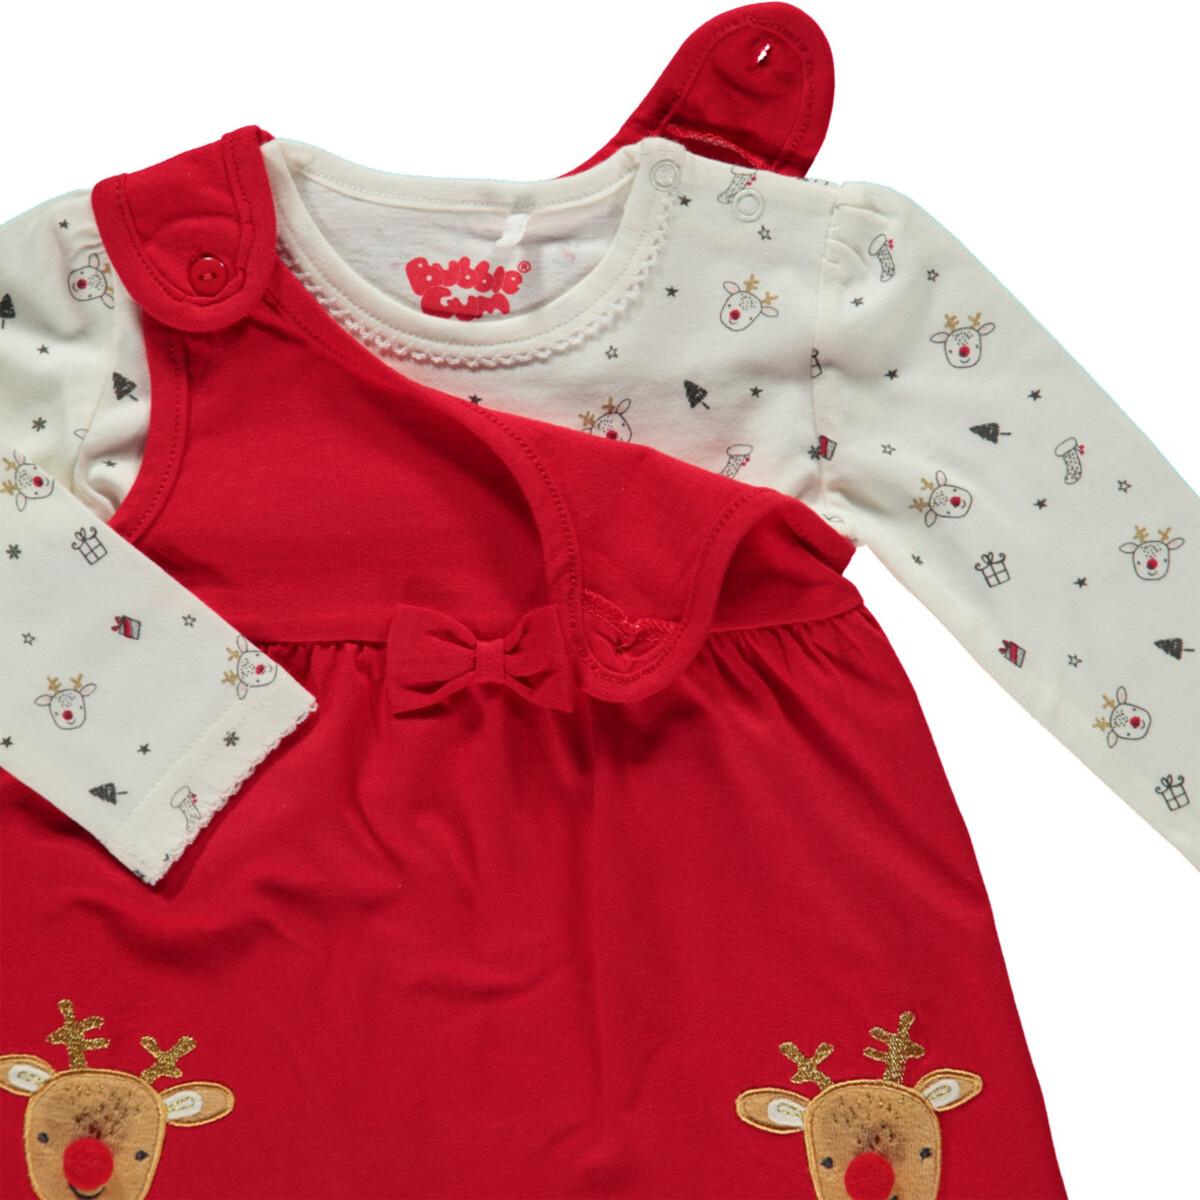 Bild 3 von Baby Set, best. aus Langarmshirt und Kleid